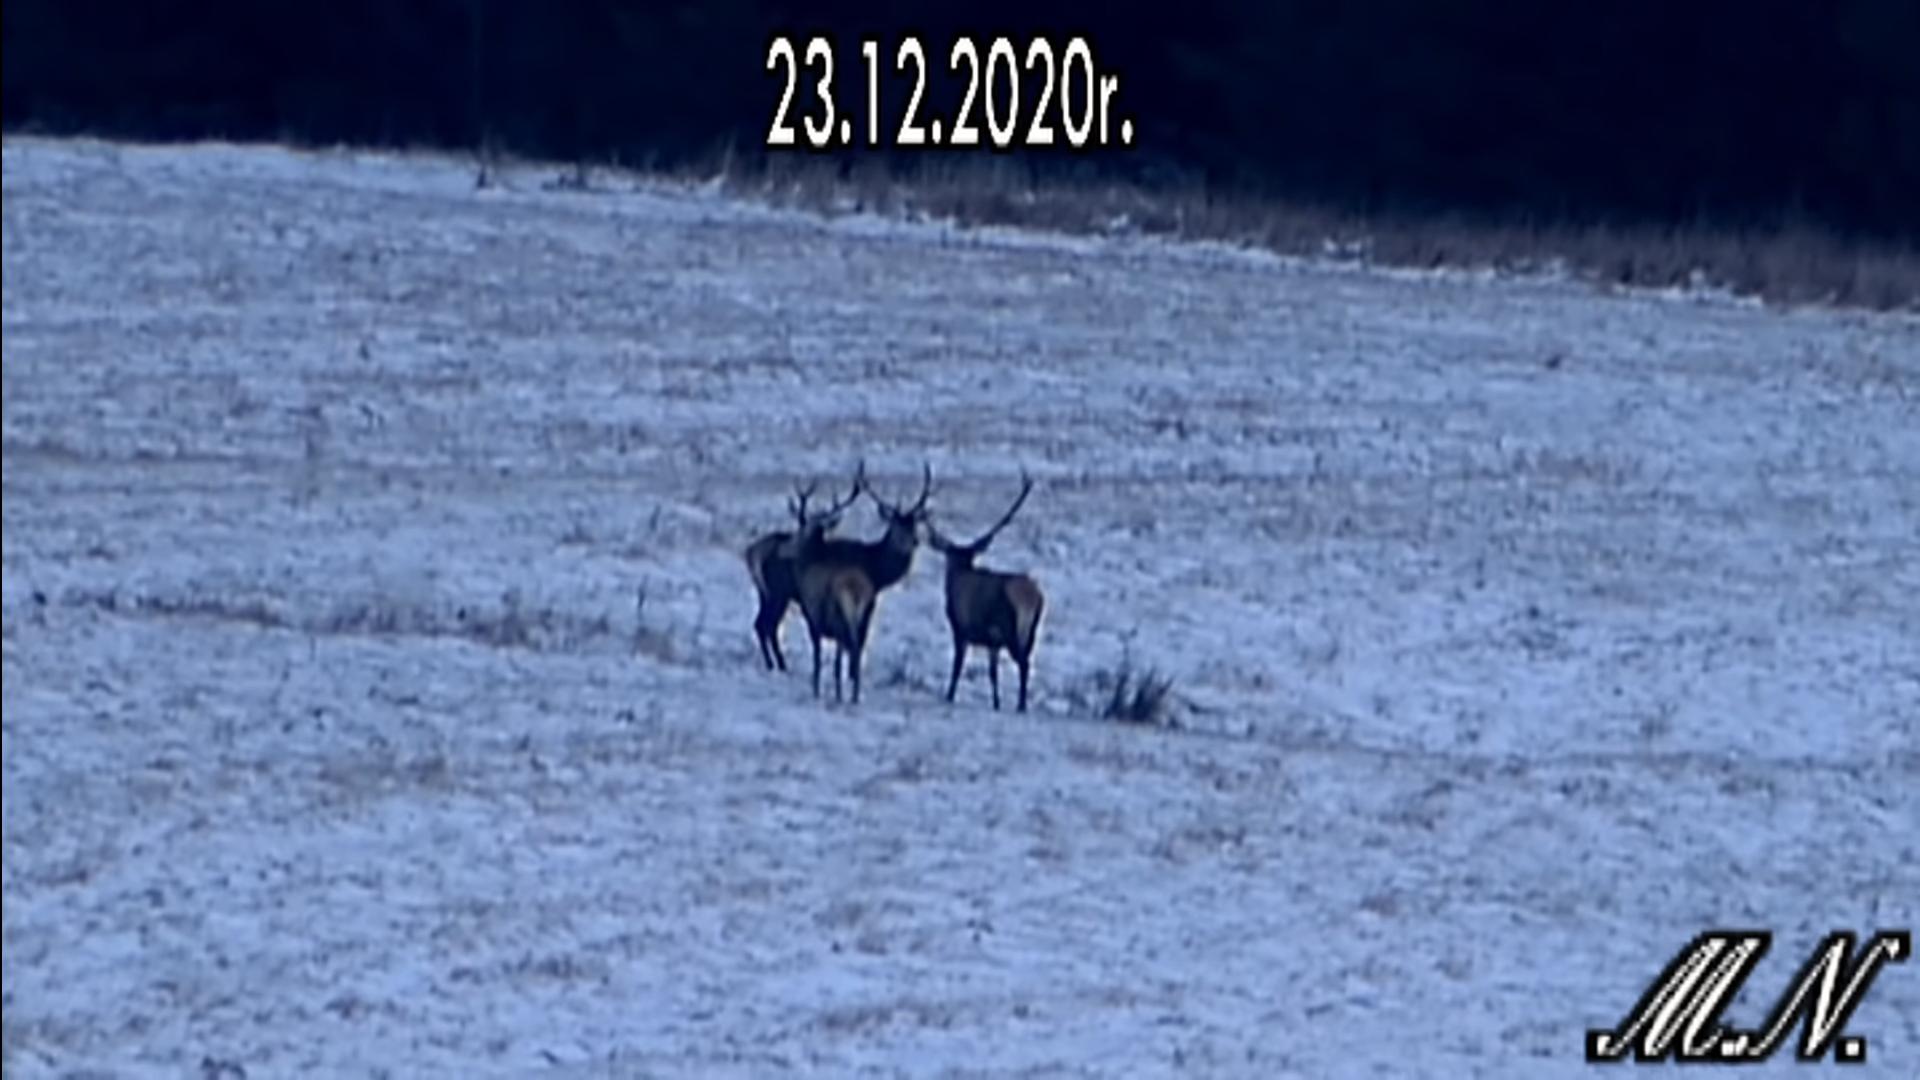 Spotkanie jeleni w Bieszczadach [VIDEO] - Zdjęcie główne